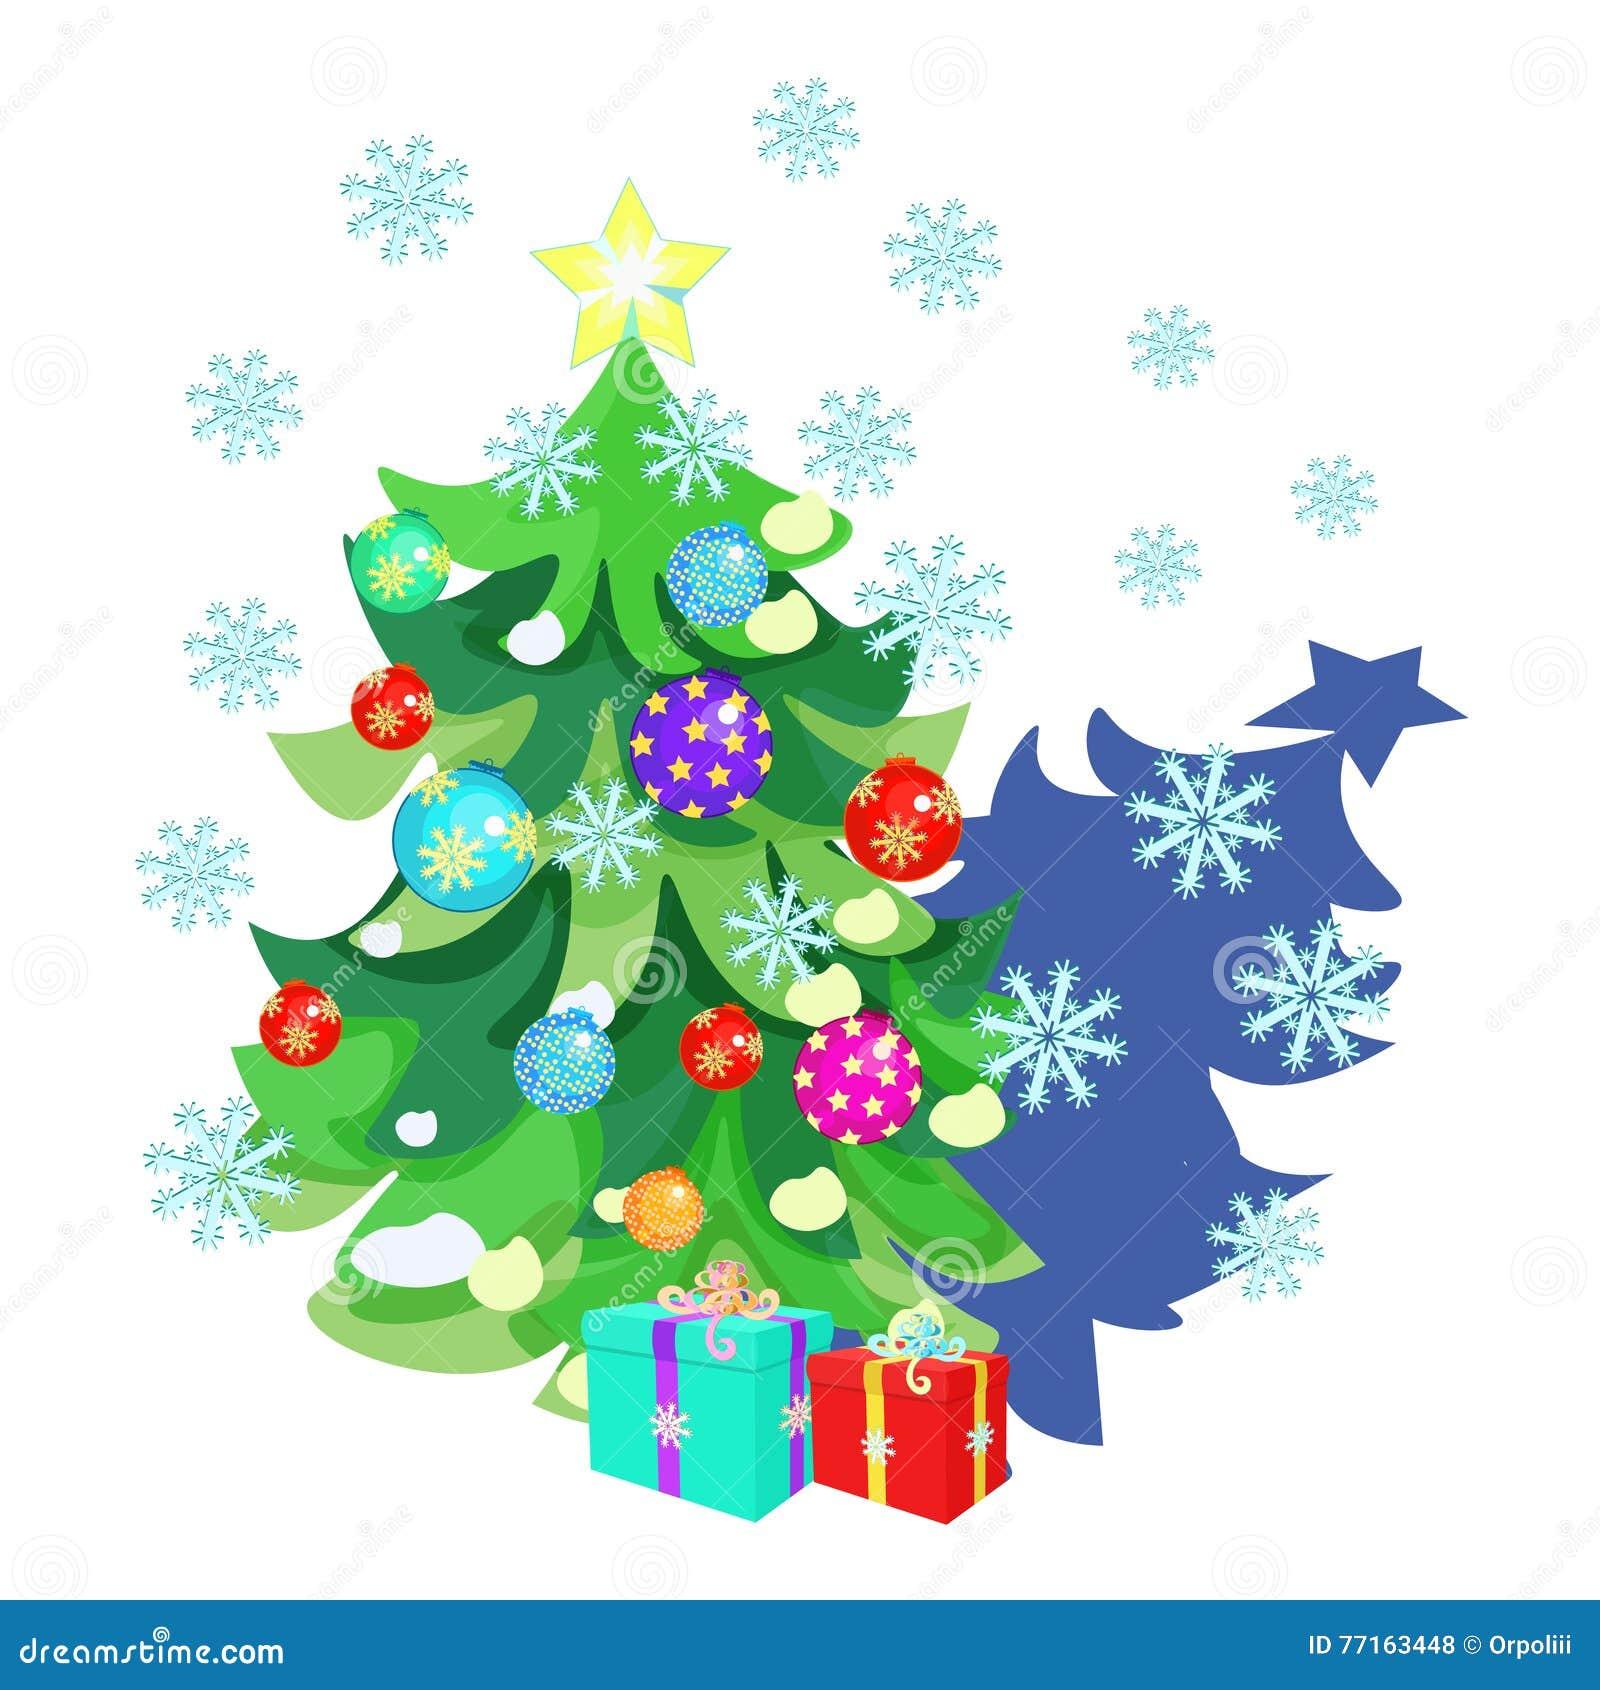 Carte de Noël avec des jouets, cadeaux, arbre de Noël, flocons de neige